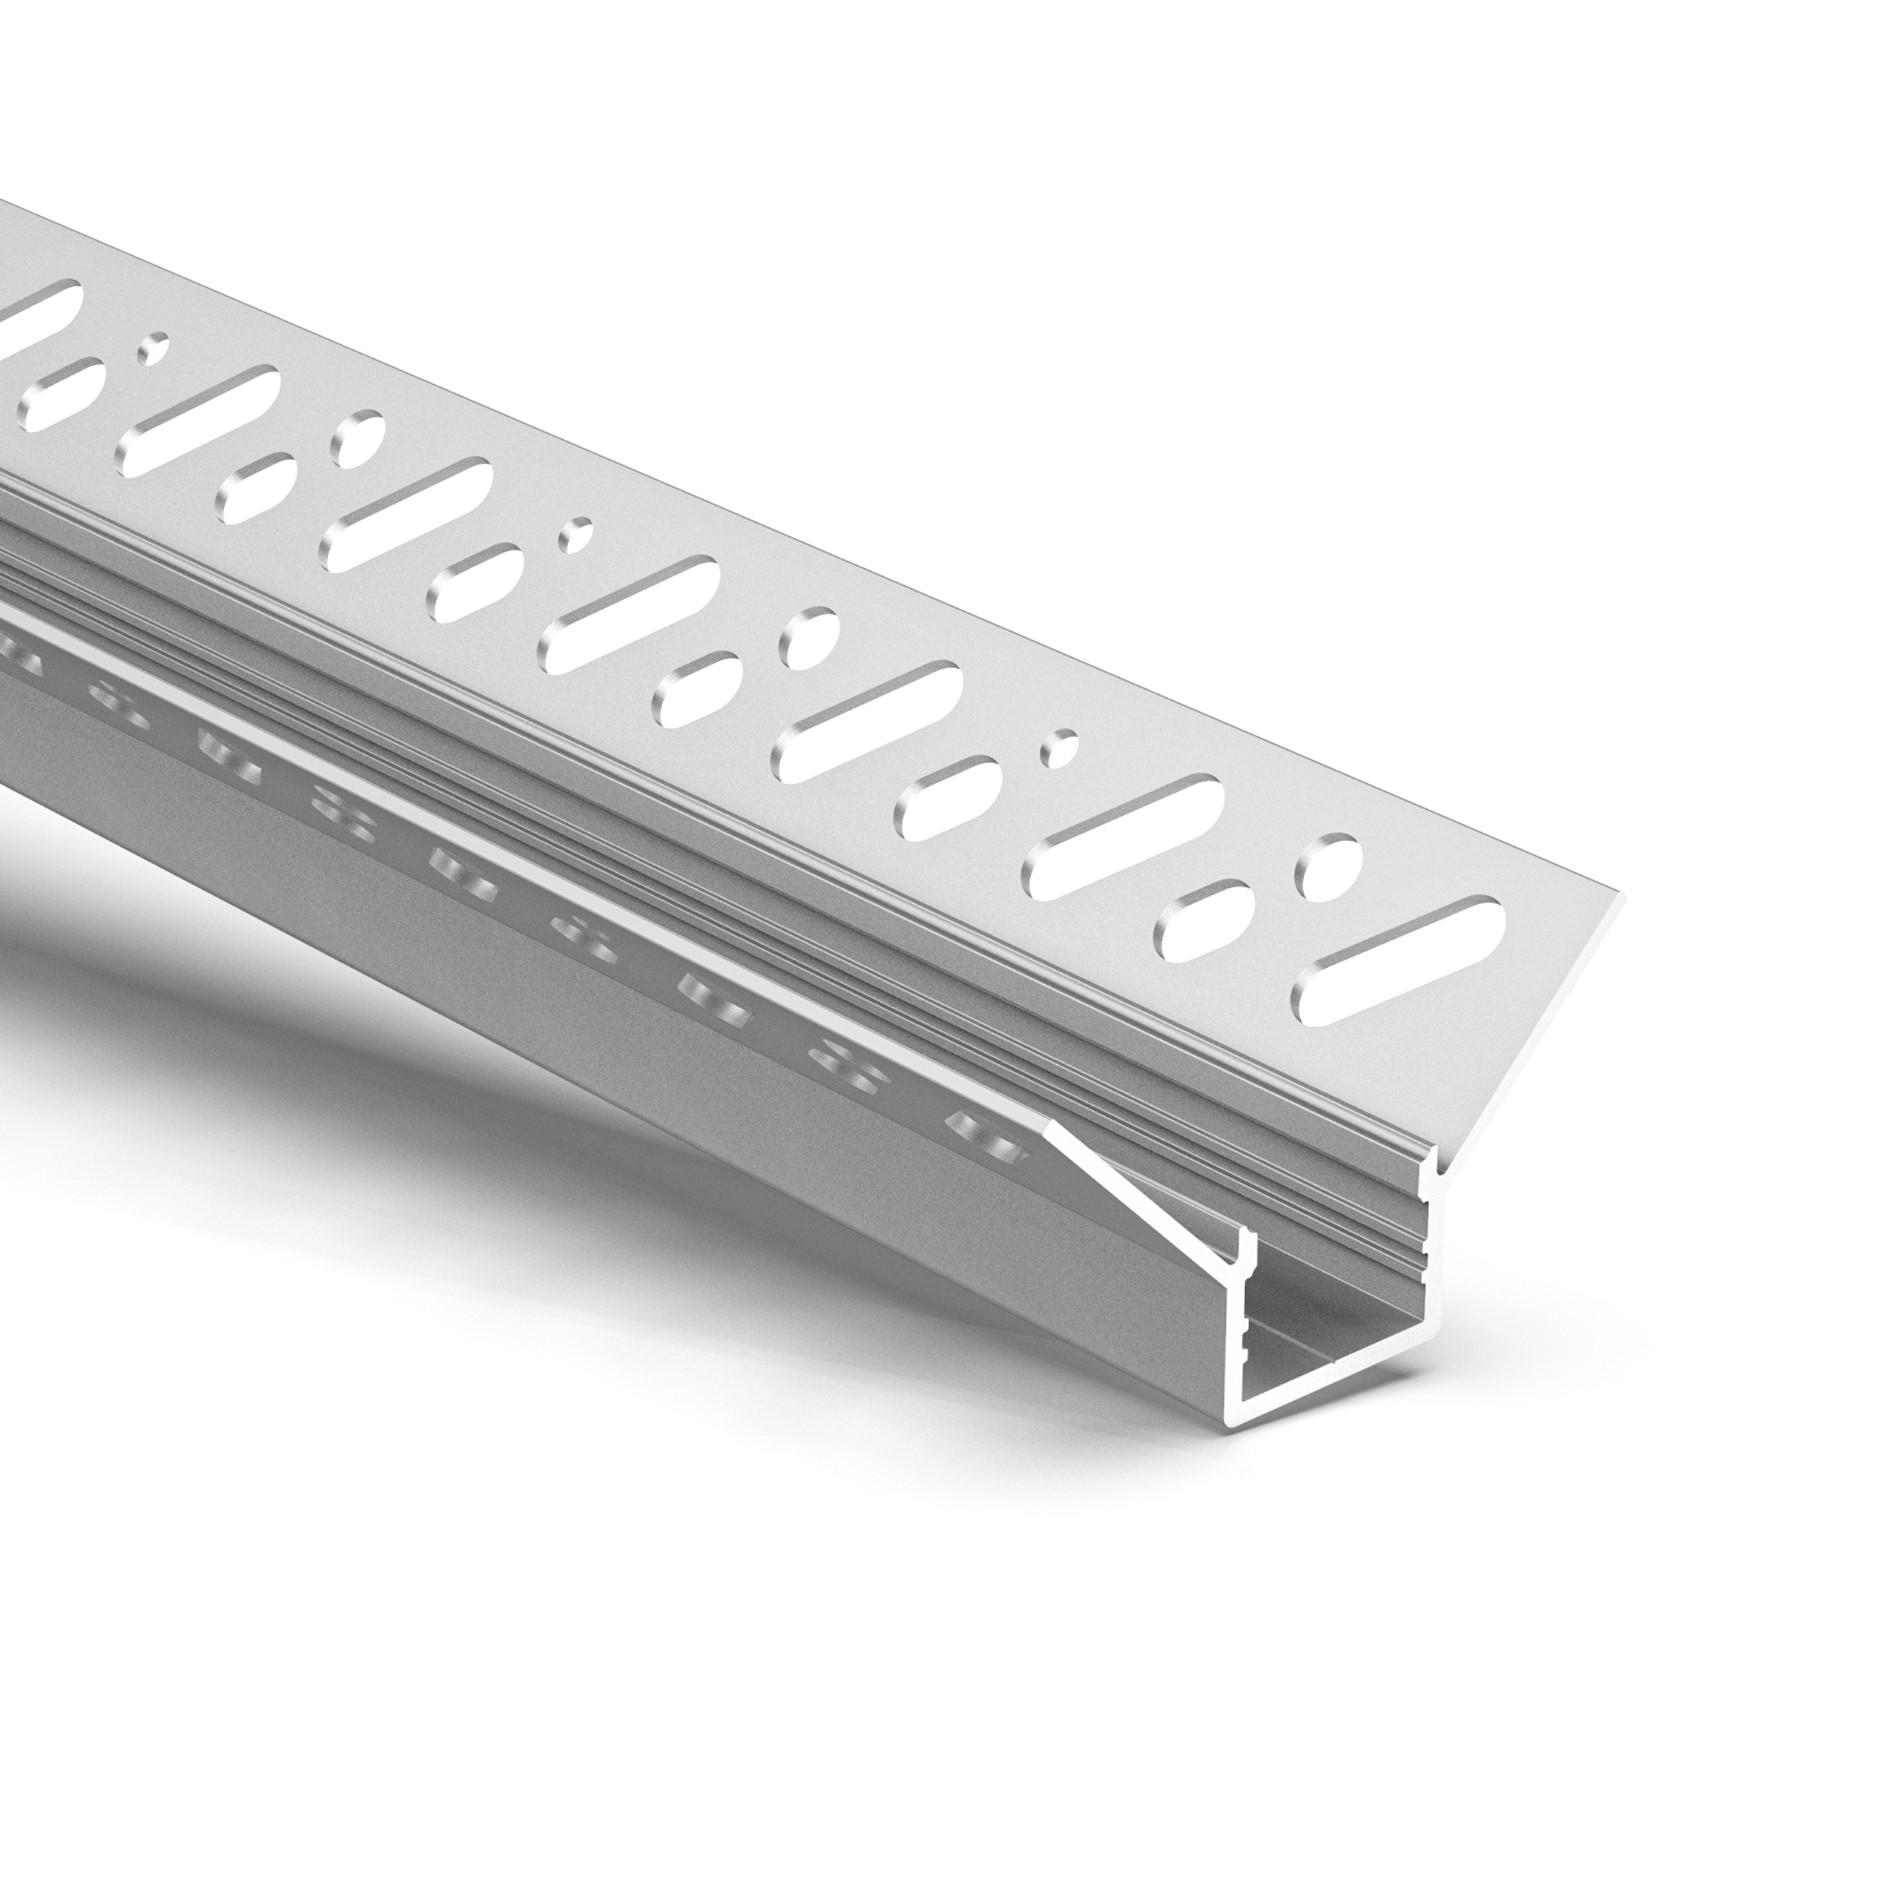 CT6 Trimless Aluminium Extrusions zum Einbau in Gipskartonplatten in der Innenecke 49,8x26,2 mm